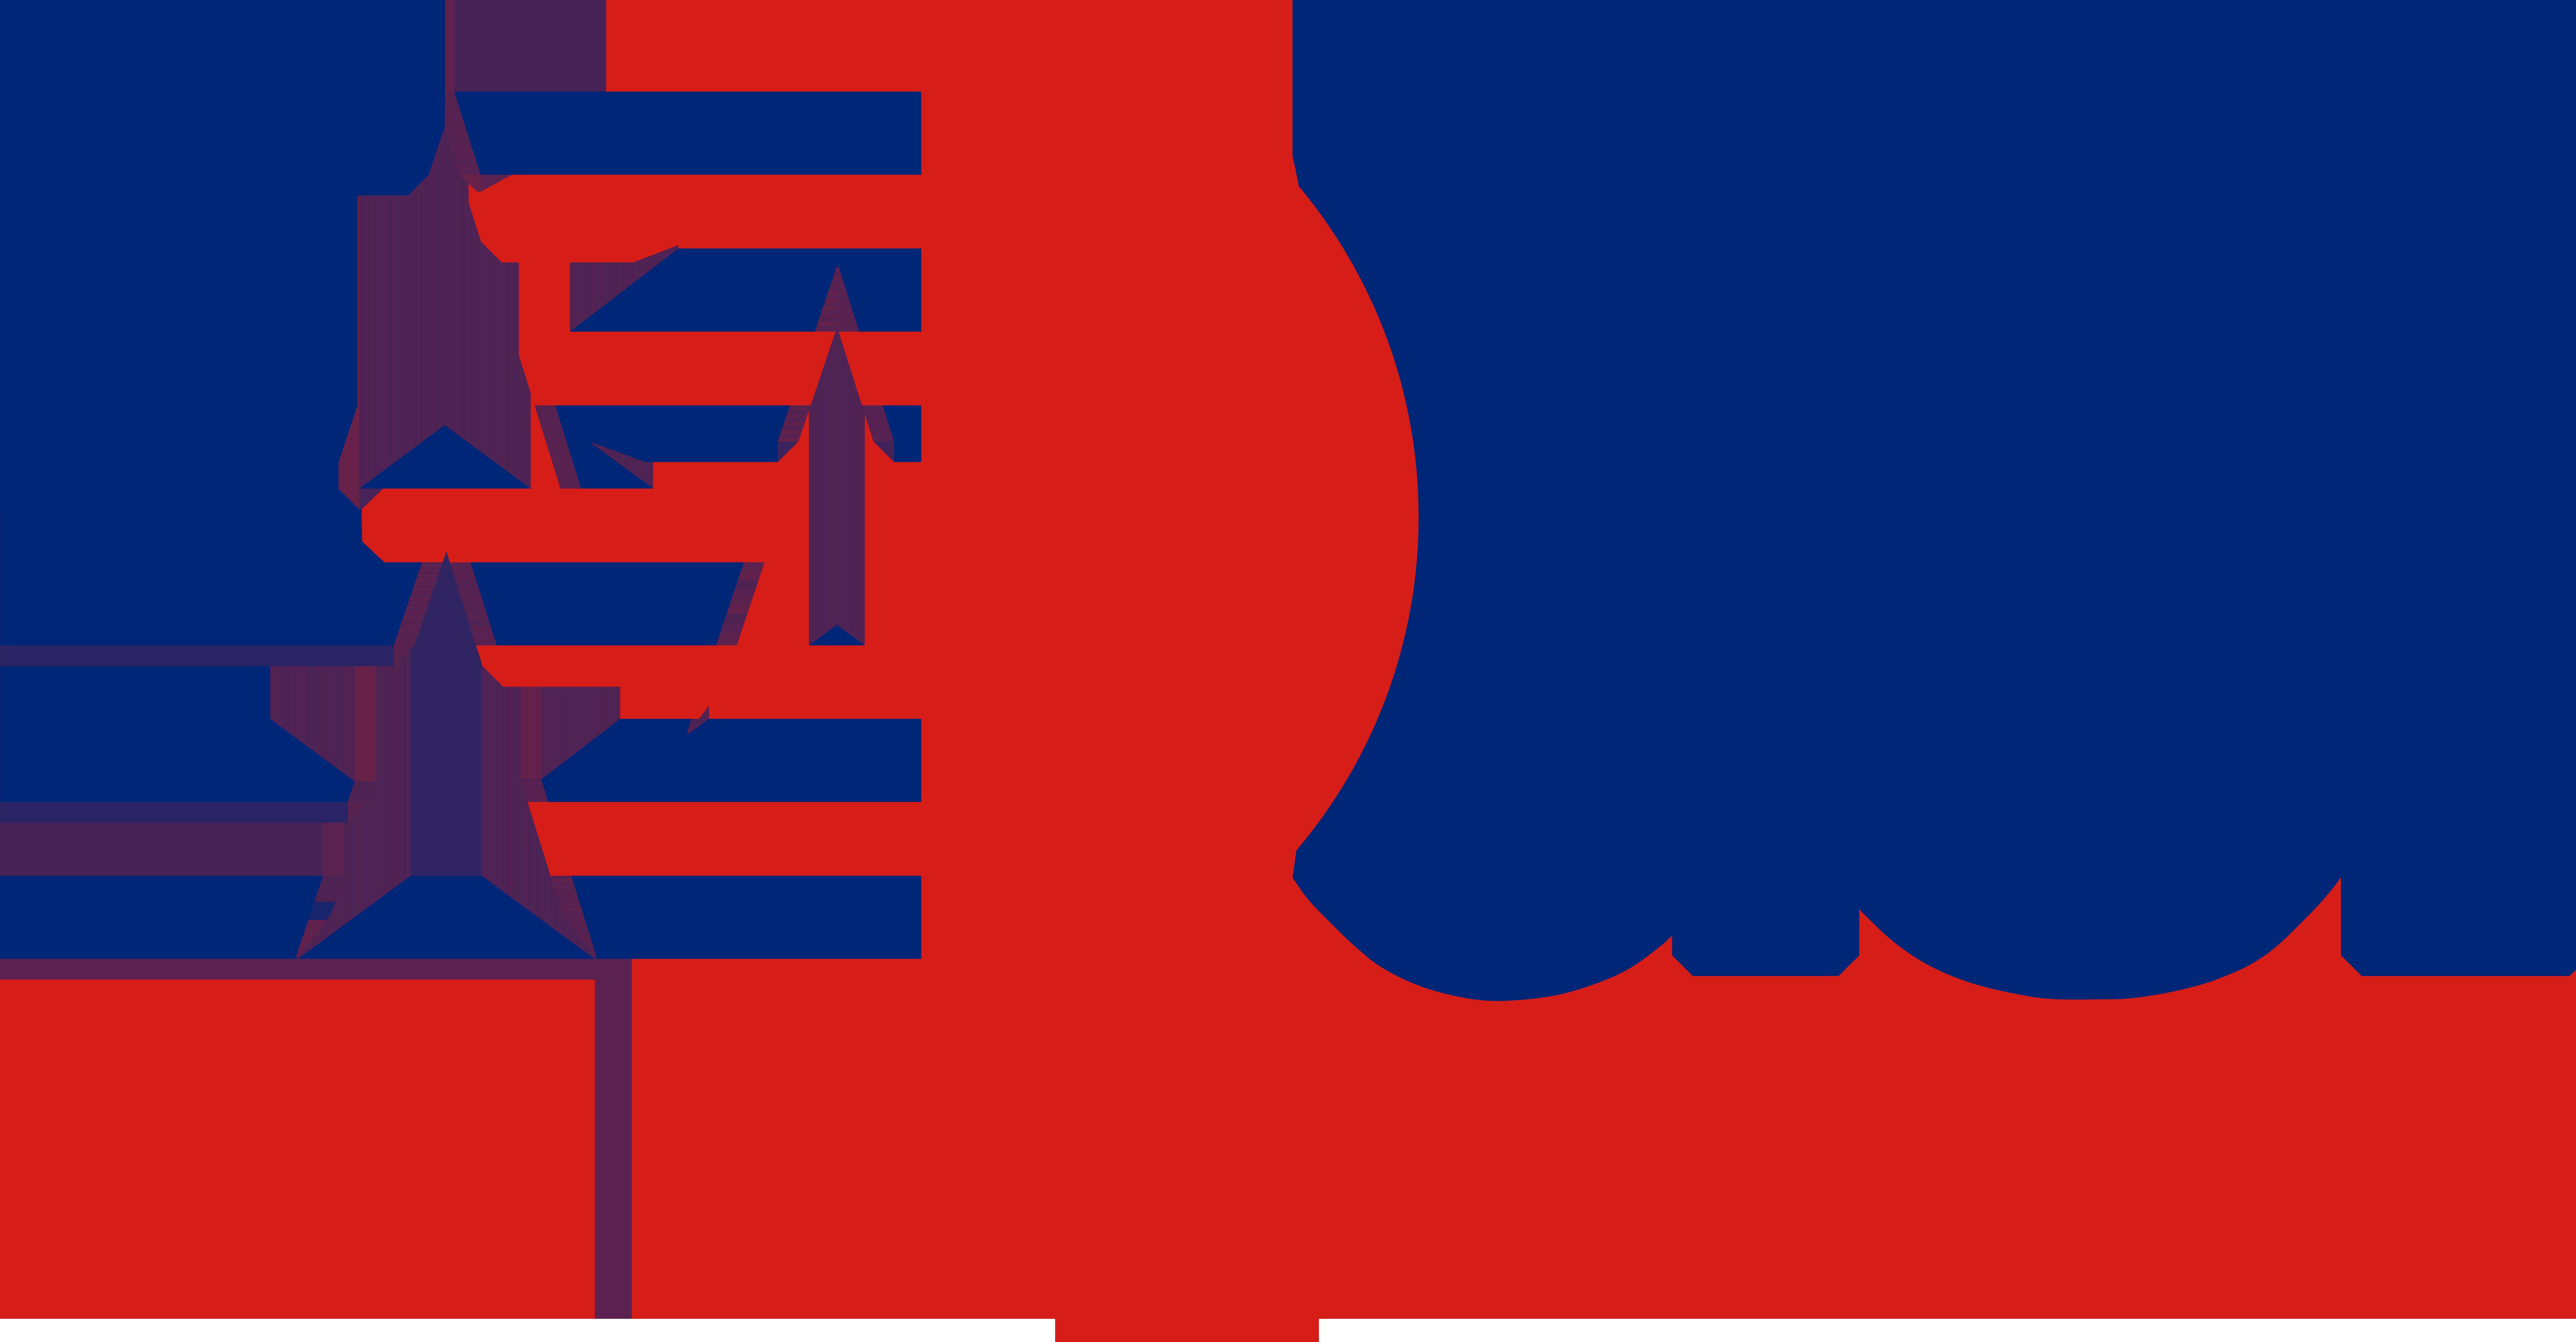 技研商事インターナショナル株式会社